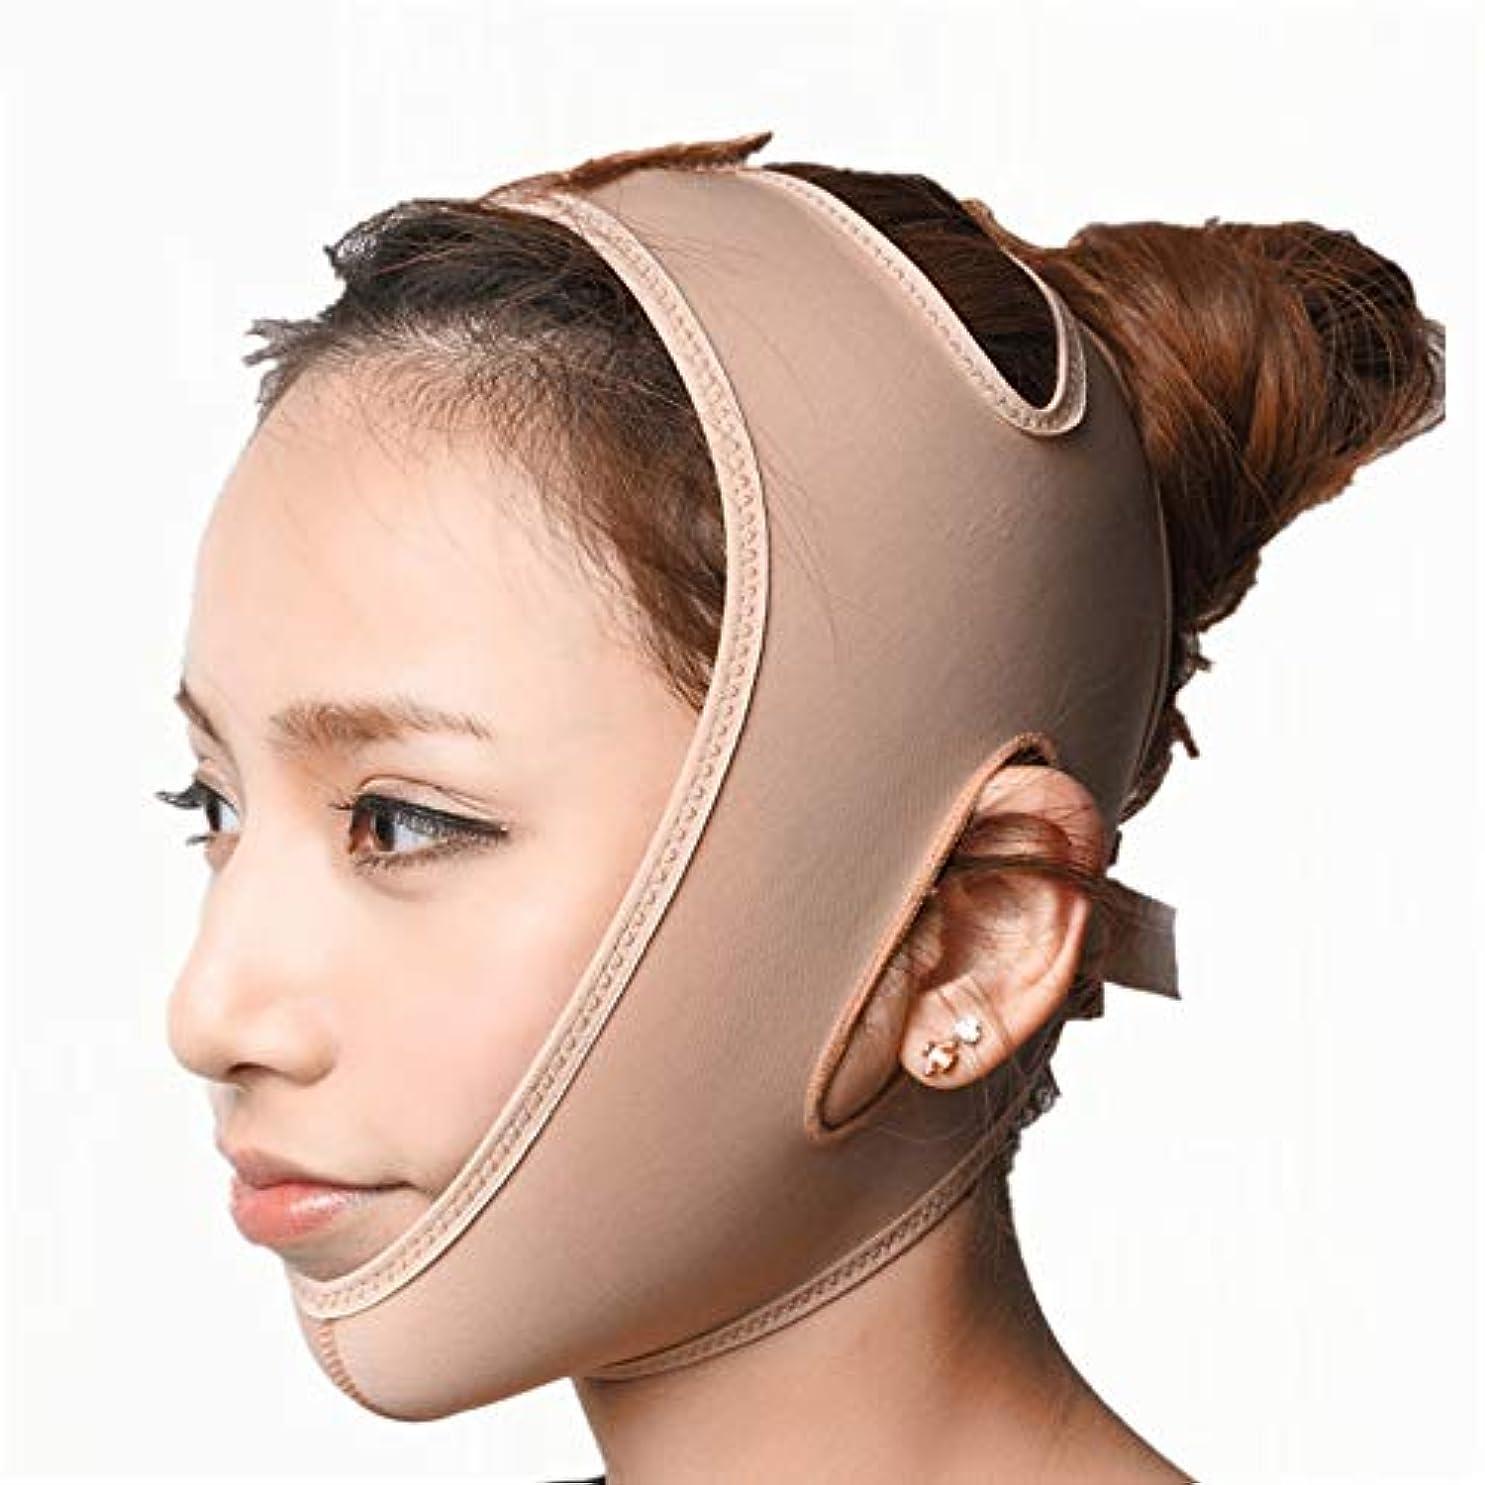 抵抗力があるアフリカ人ディレクトリ飛強強 顔の持ち上がる痩身ベルト - アンチエイジングリンクルフェイスマスクベルトシンフェイス包帯整形マスクは顔と首を締めますフェイススリム スリムフィット美容ツール (Size : L)